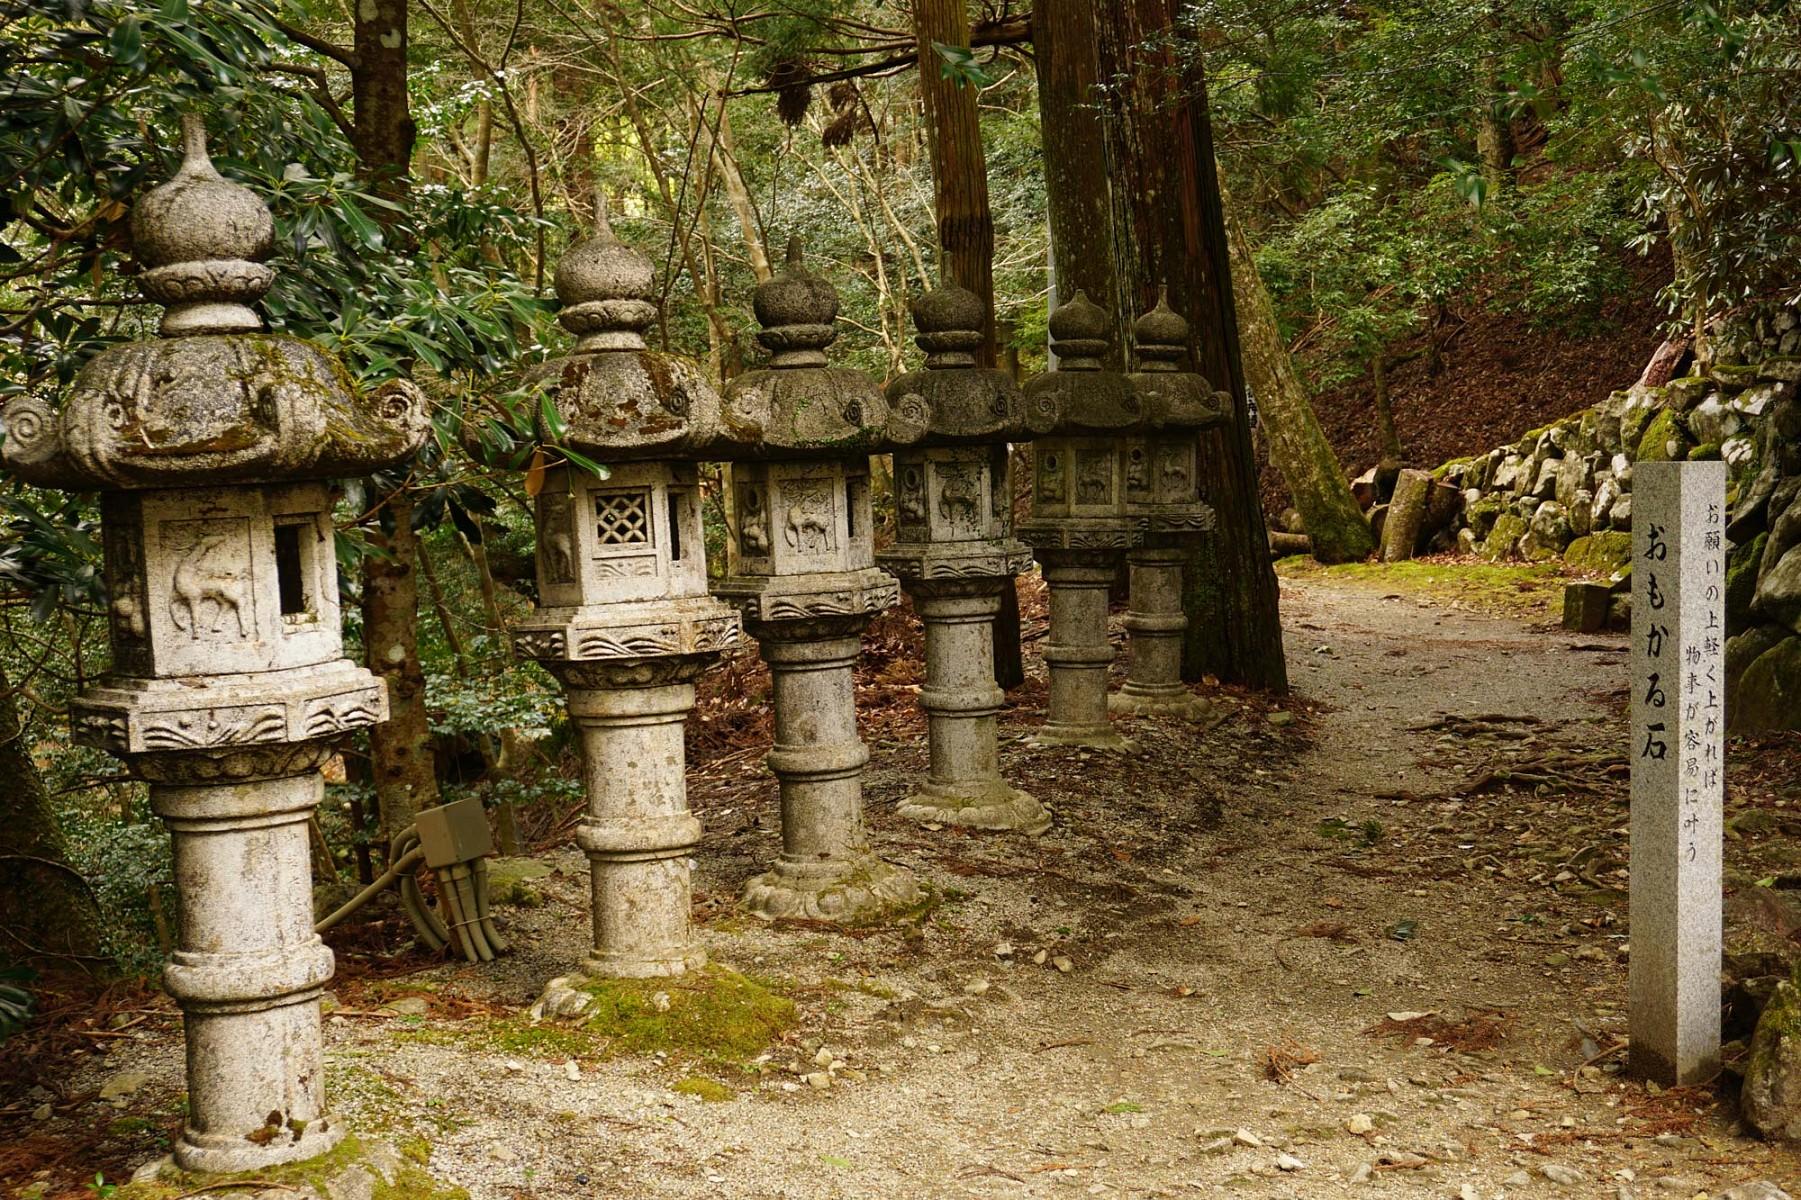 pspan-stylecolornullUumlberall-trifft-man-auf-Pfade-die-zu-Schreinen-Tempeln-und-Kloumlstern-fuumlhrenspanp